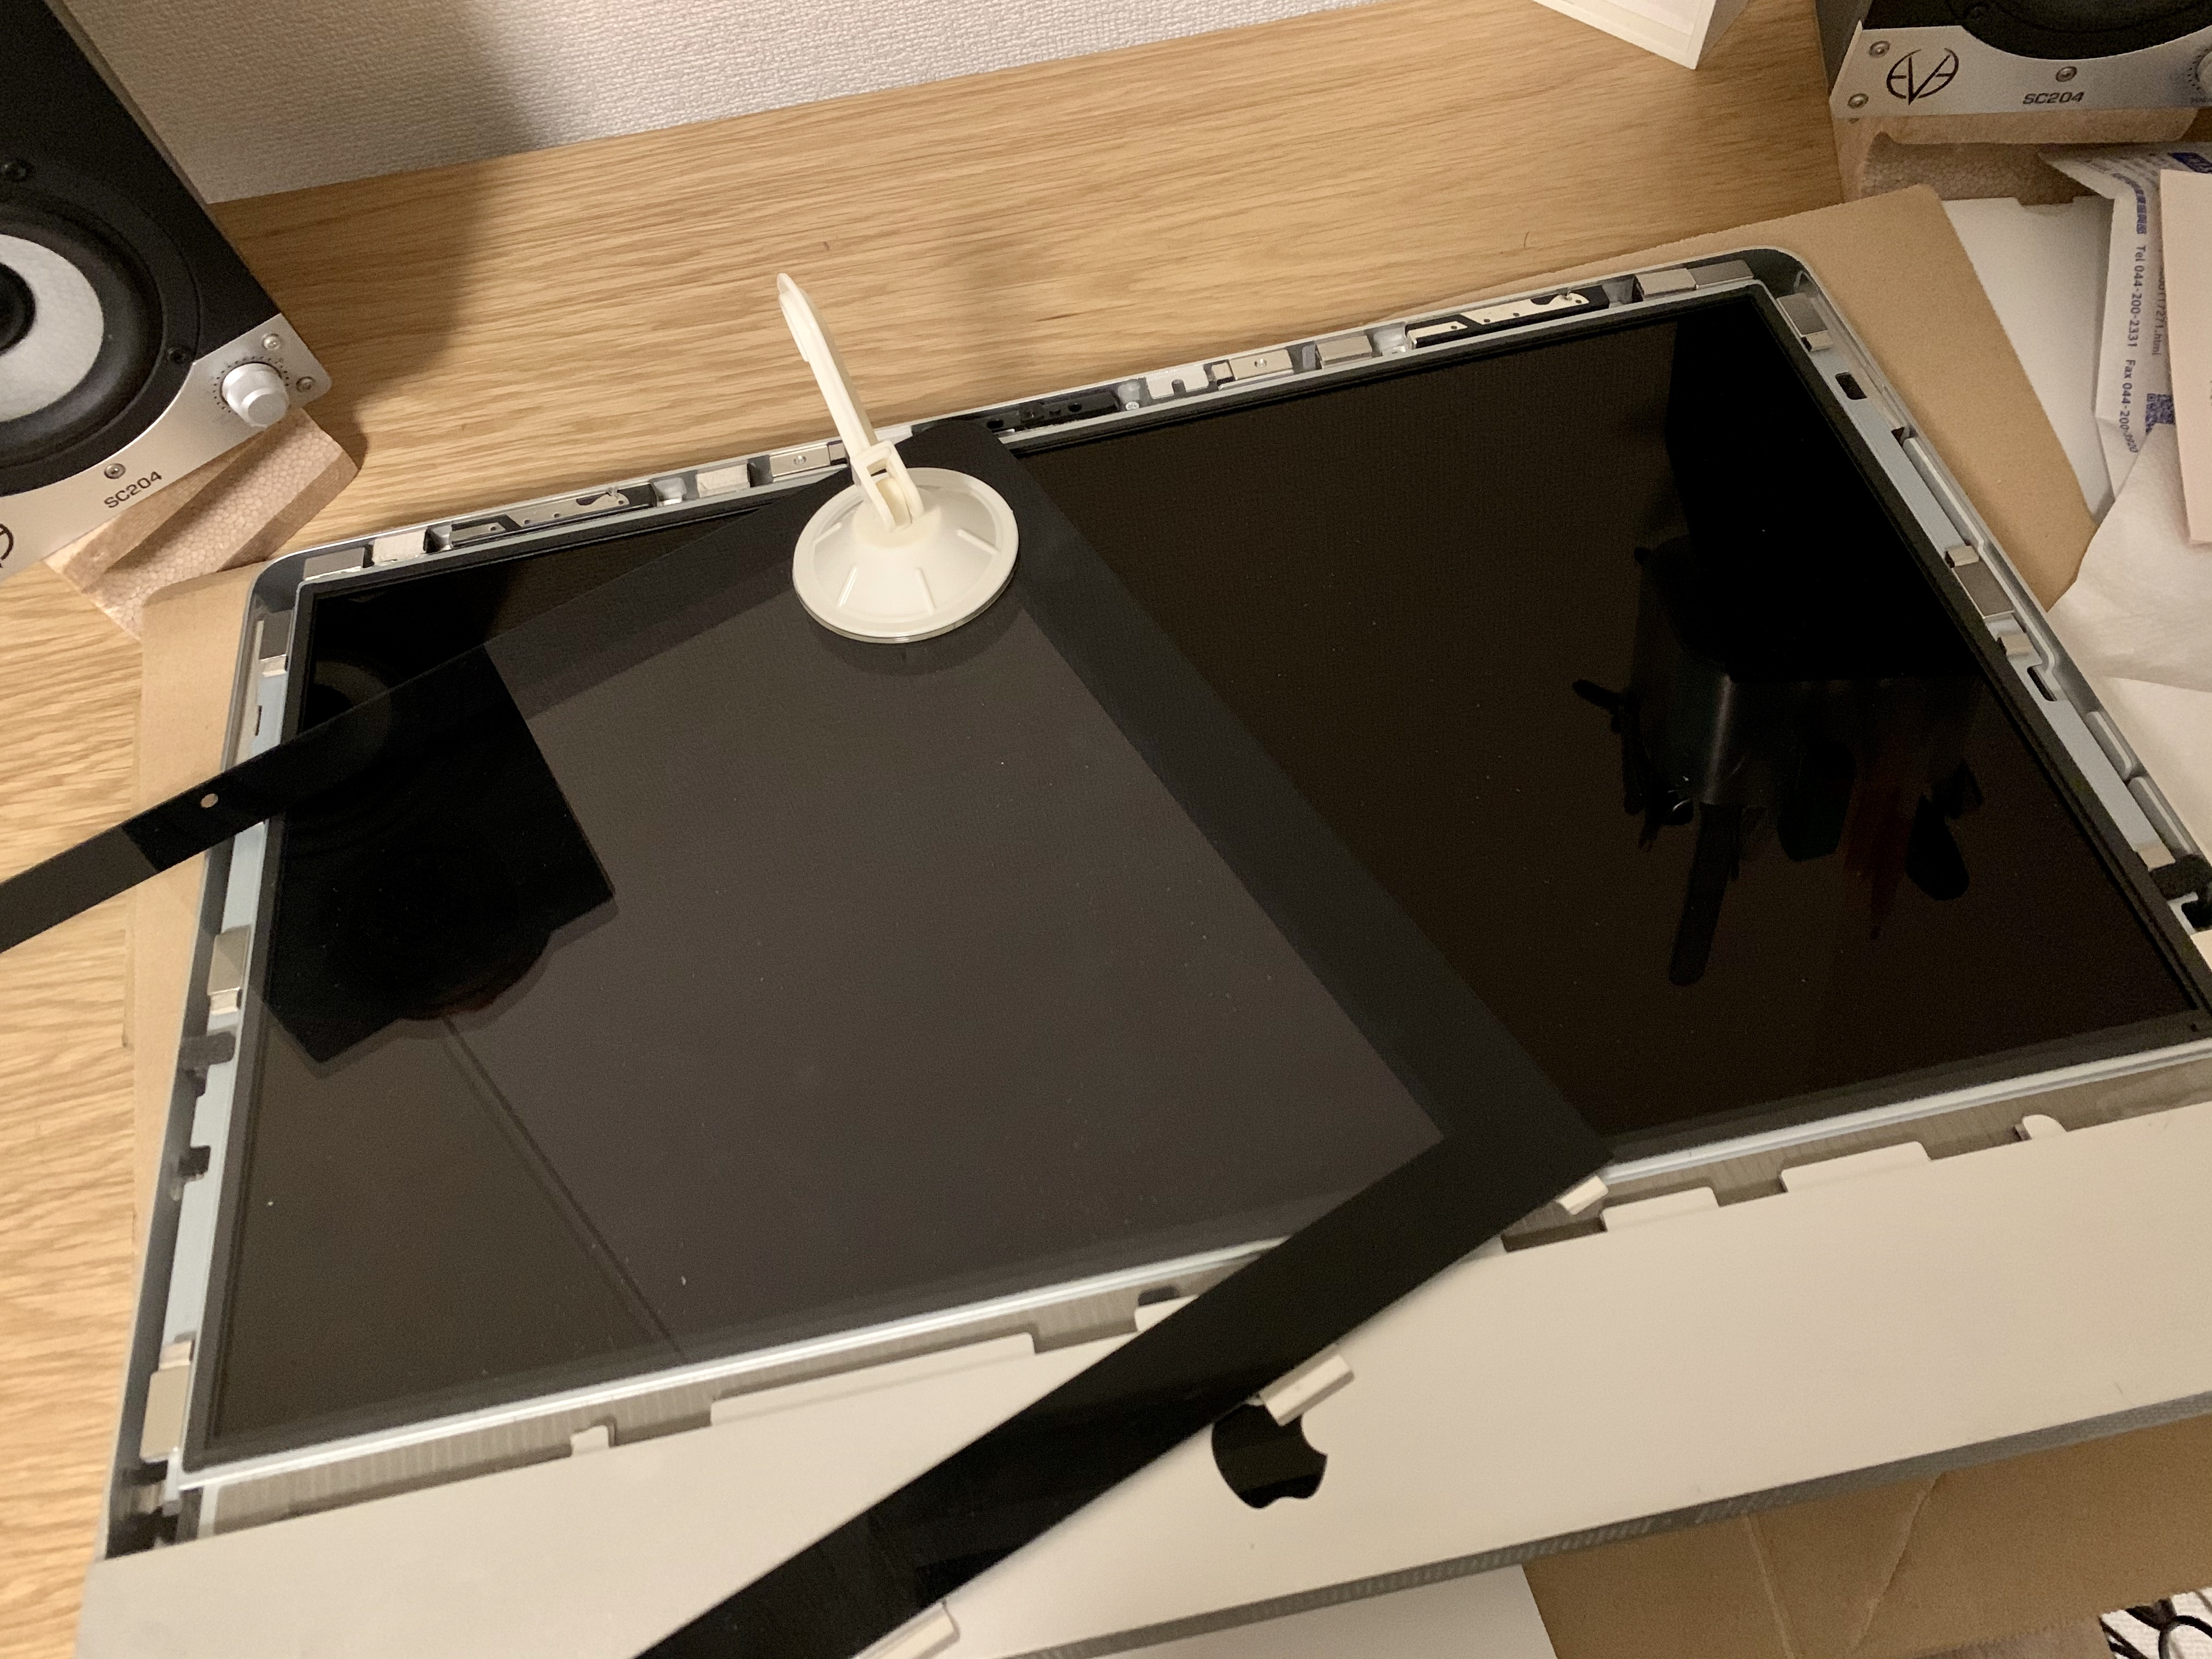 【素人が挑む】電源が入らなくなったiMac 21.5inch , Late 2009を分解する(前半)